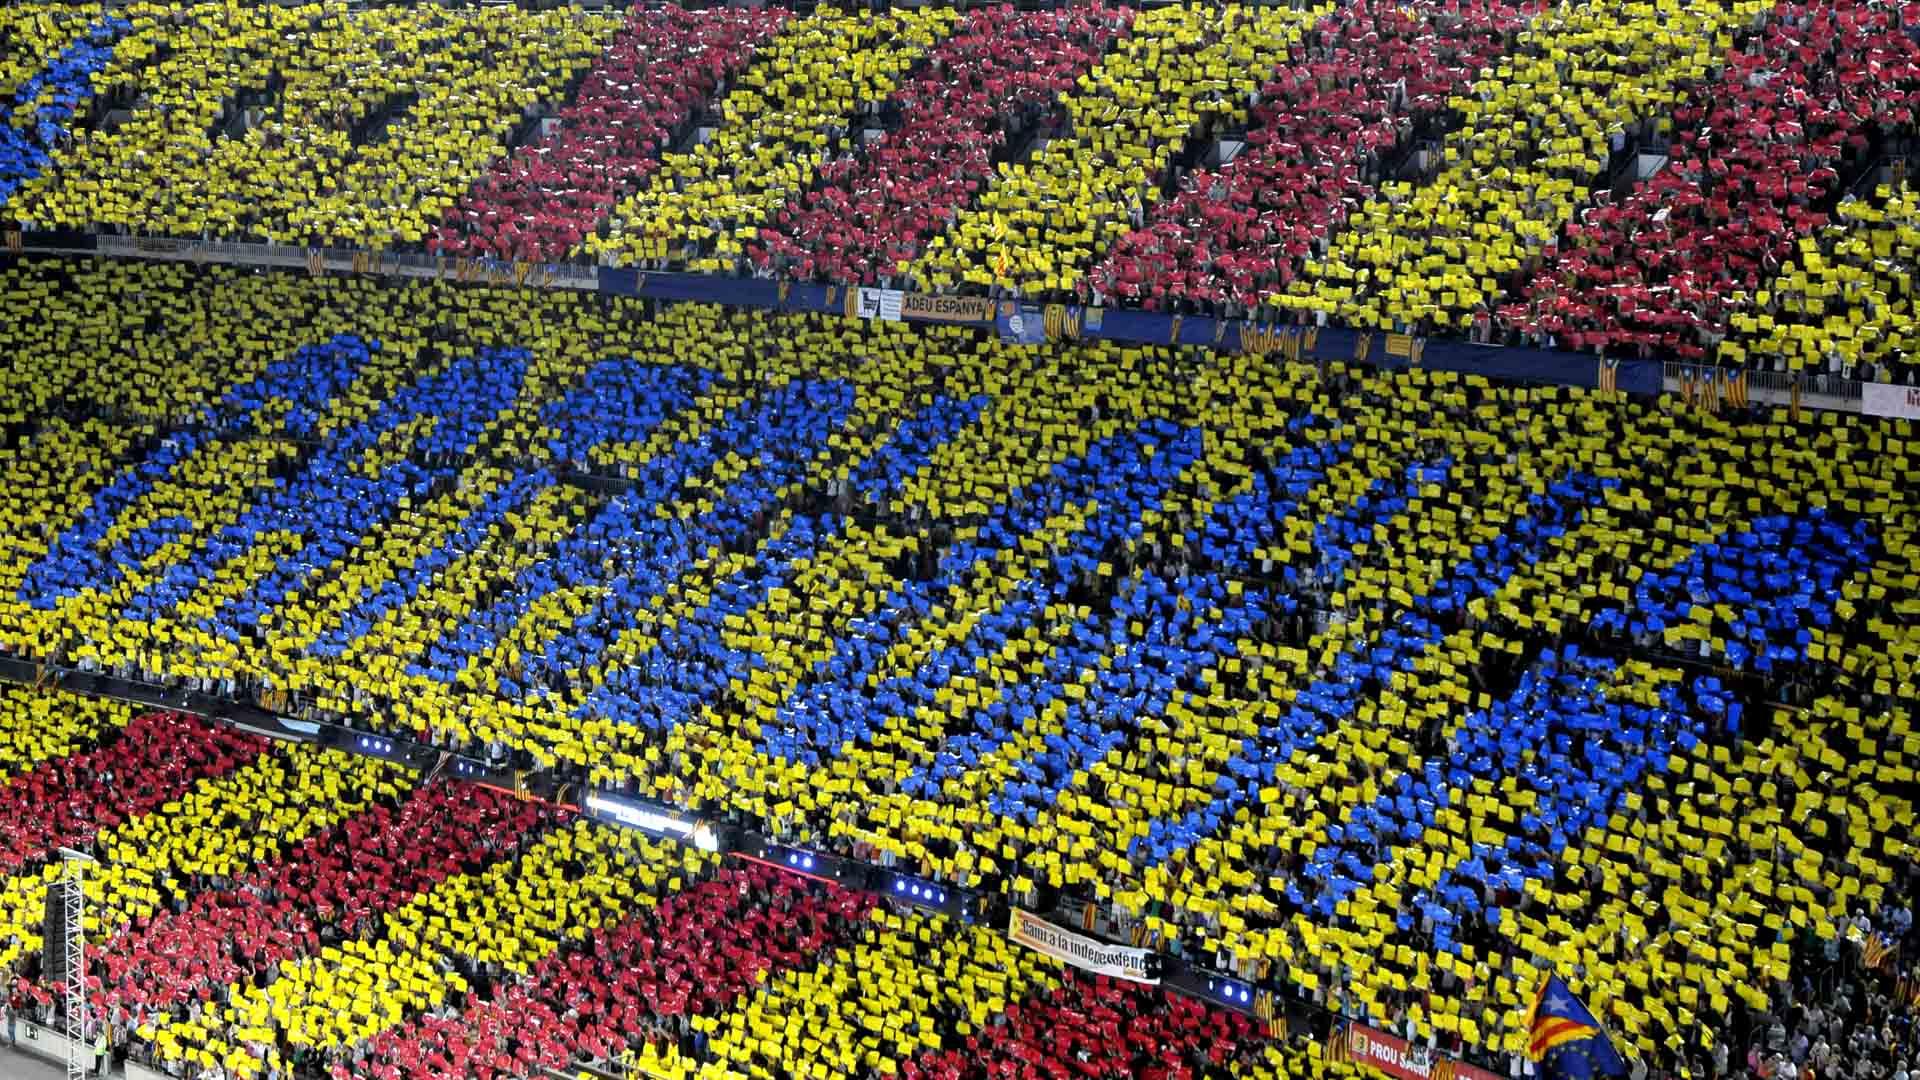 El jurado falló a favor del FC Barcelona, aprobando el ingreso de banderas referentes a la independencia catalana para la final de Copa del Rey